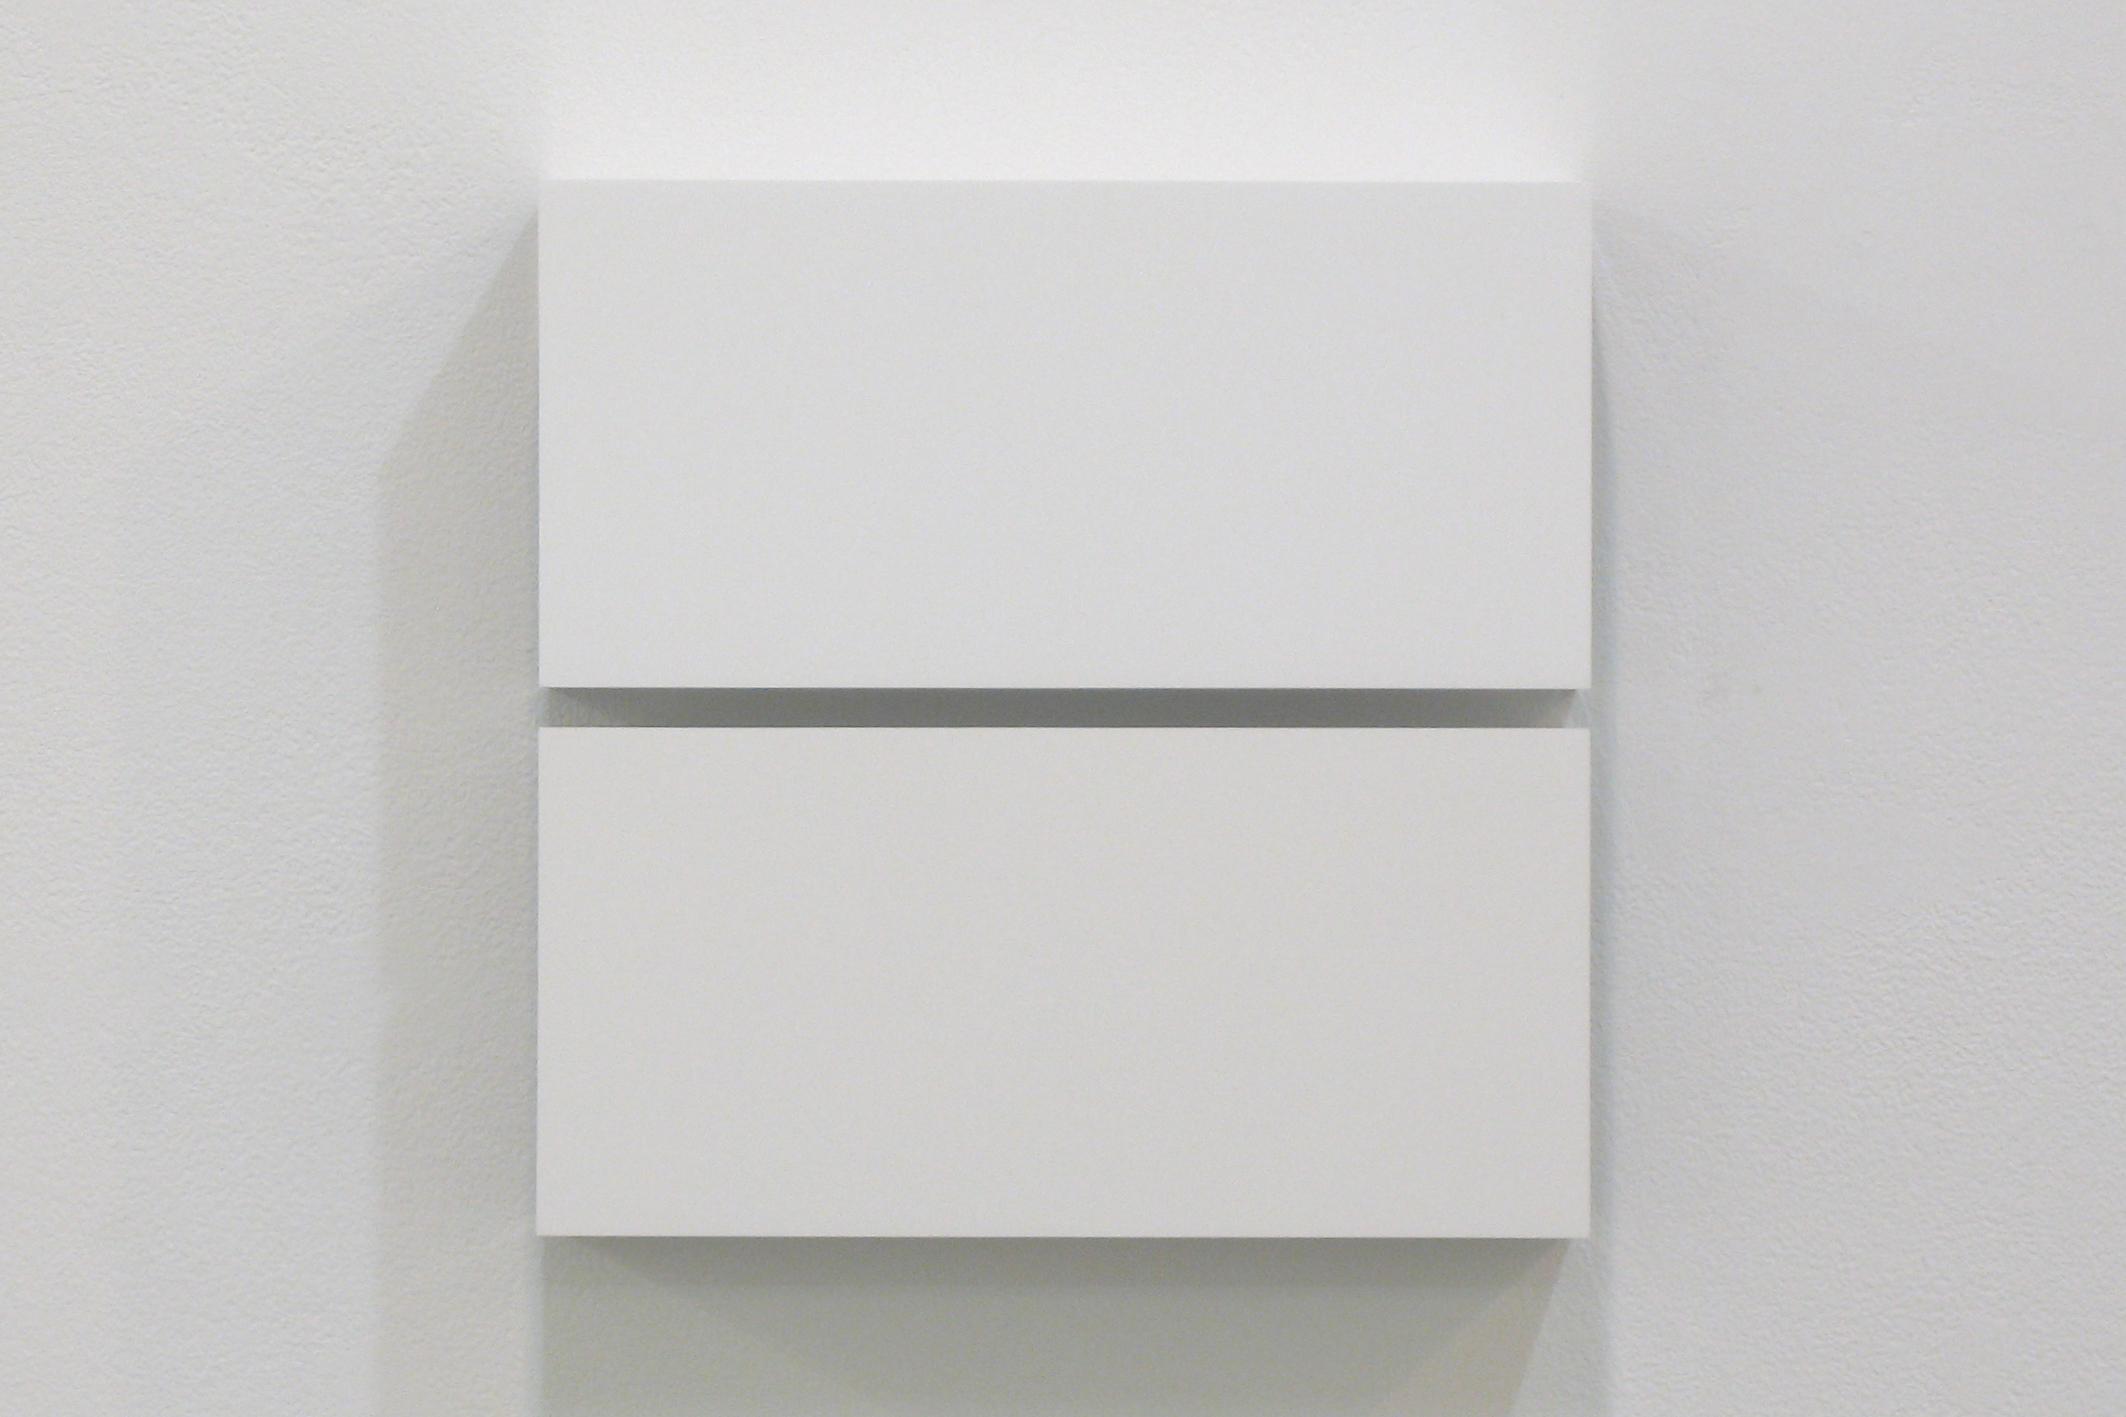 Two Colors 3|Aluminum, casein, pigment|25 x 25 x 6 cm|2011